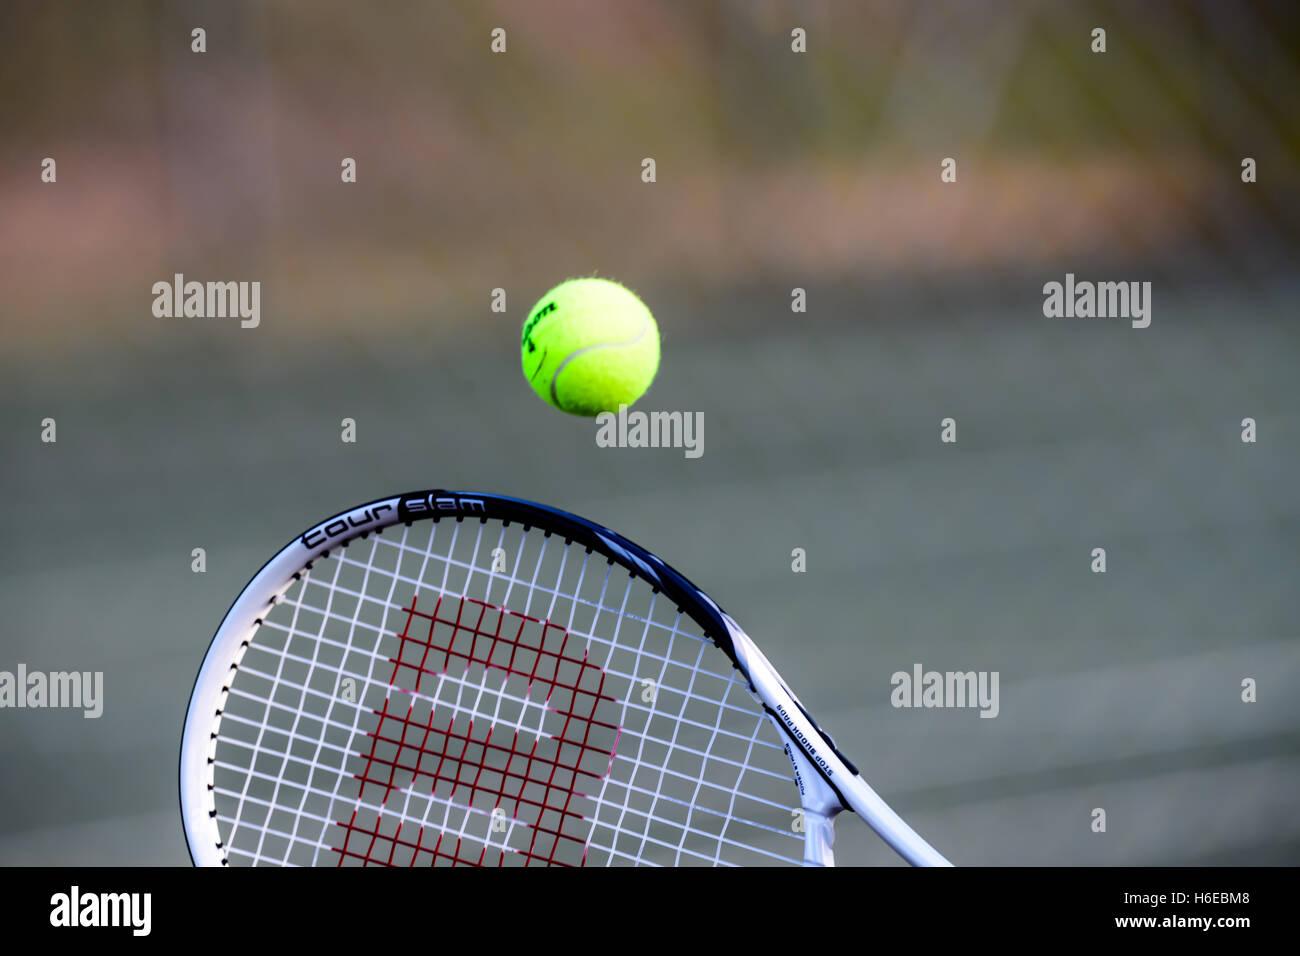 Palla da tennis colpire una racchetta Immagini Stock